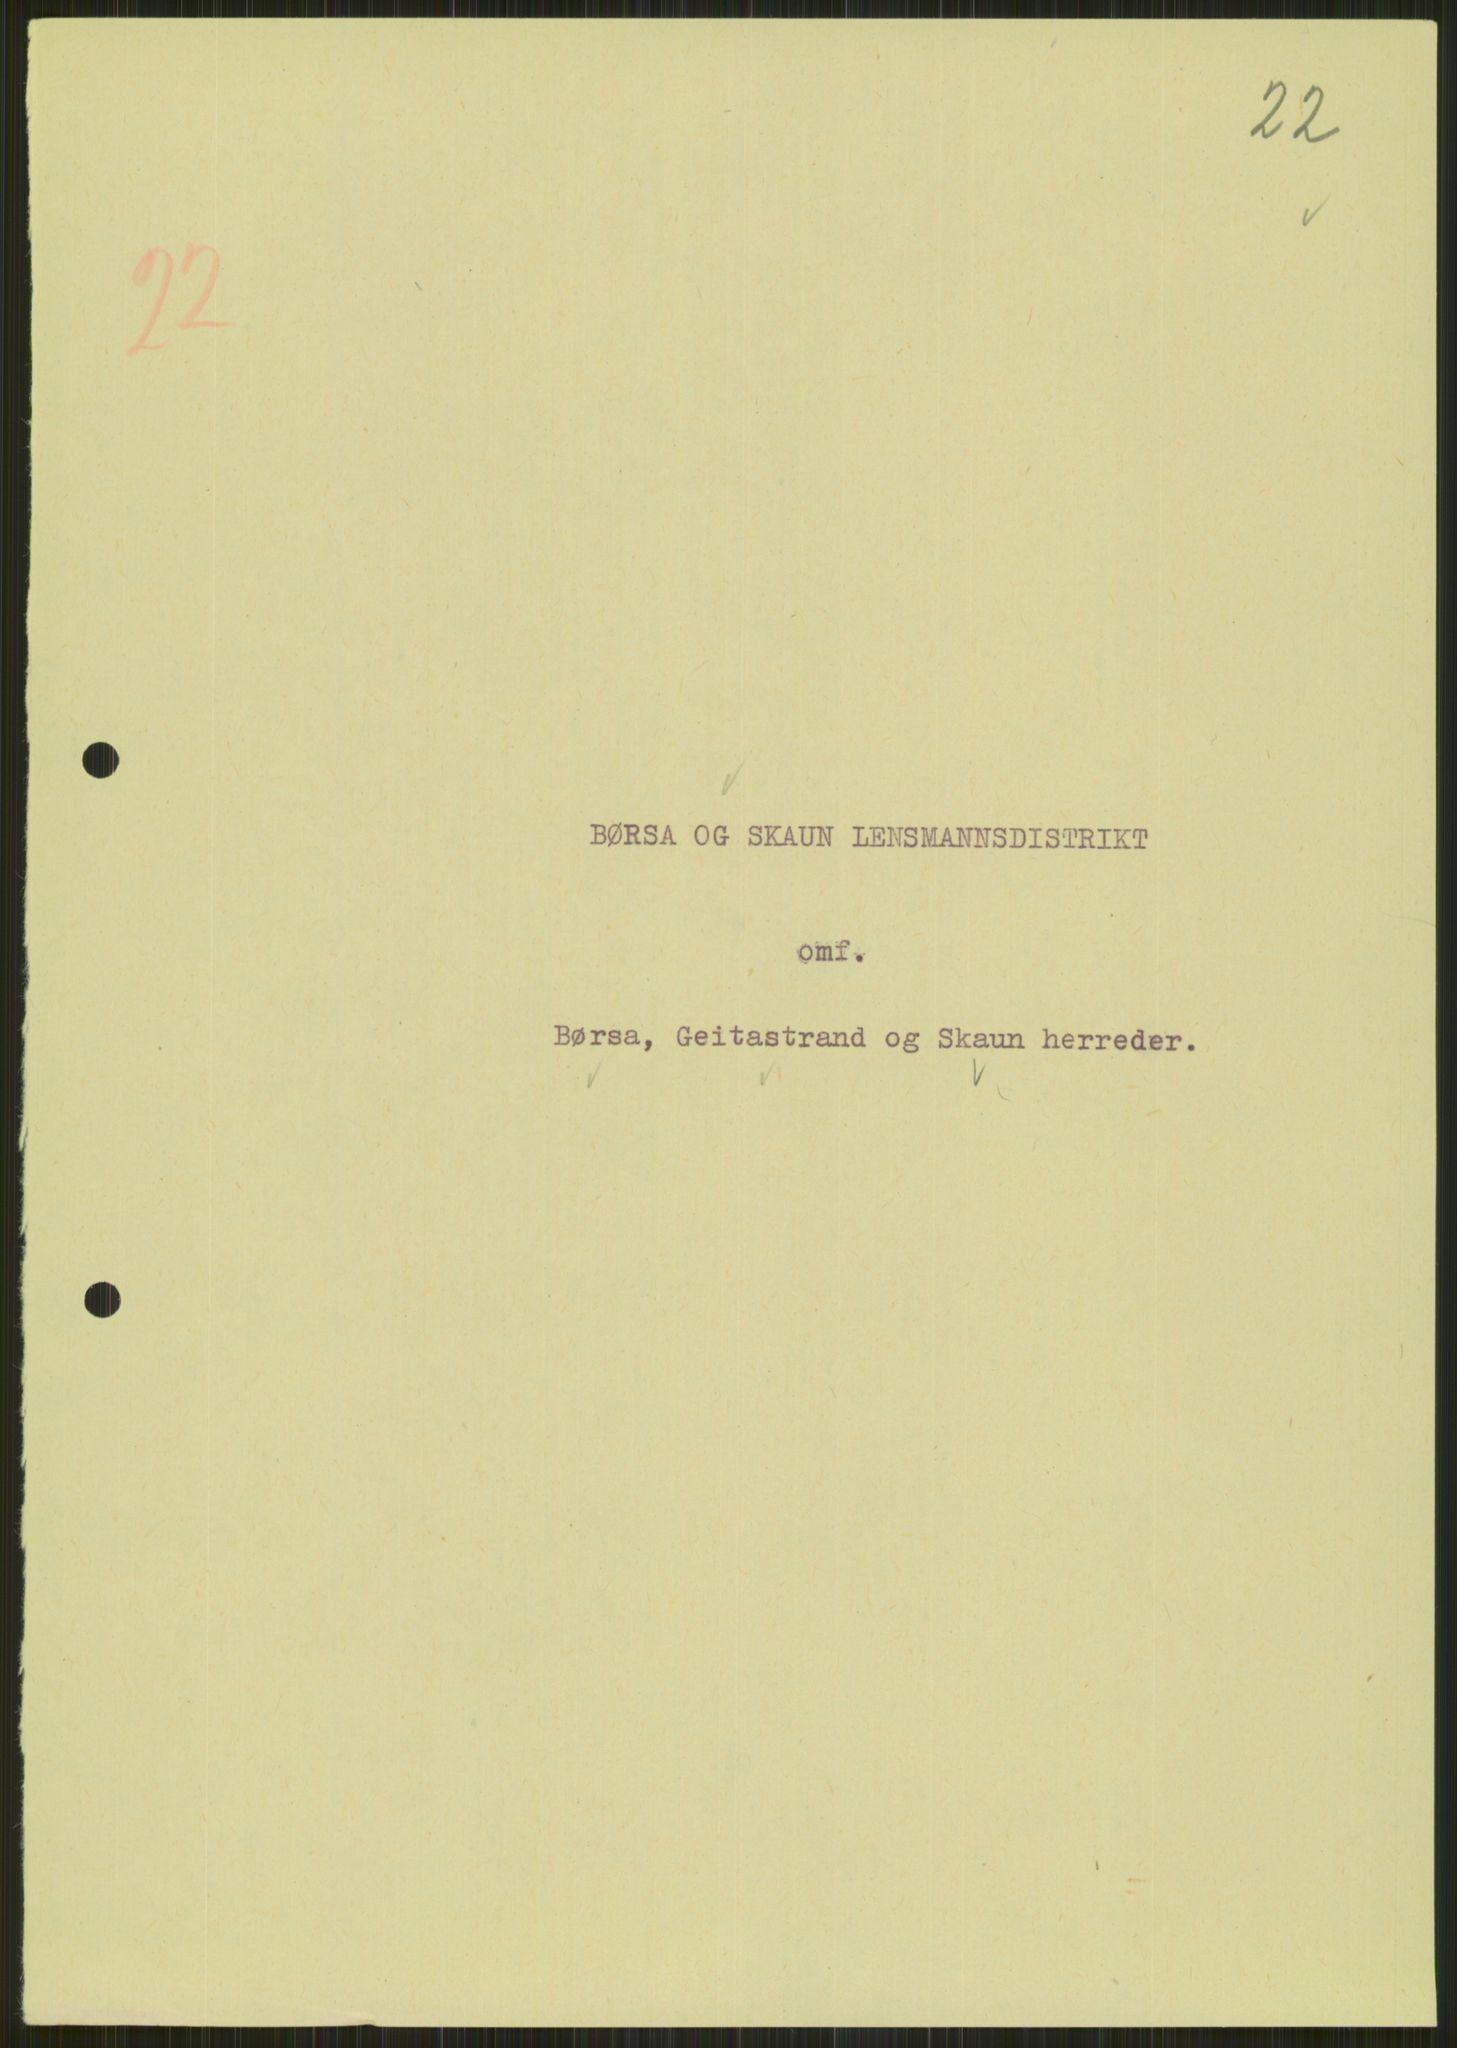 RA, Forsvaret, Forsvarets krigshistoriske avdeling, Y/Ya/L0016: II-C-11-31 - Fylkesmenn.  Rapporter om krigsbegivenhetene 1940., 1940, s. 173